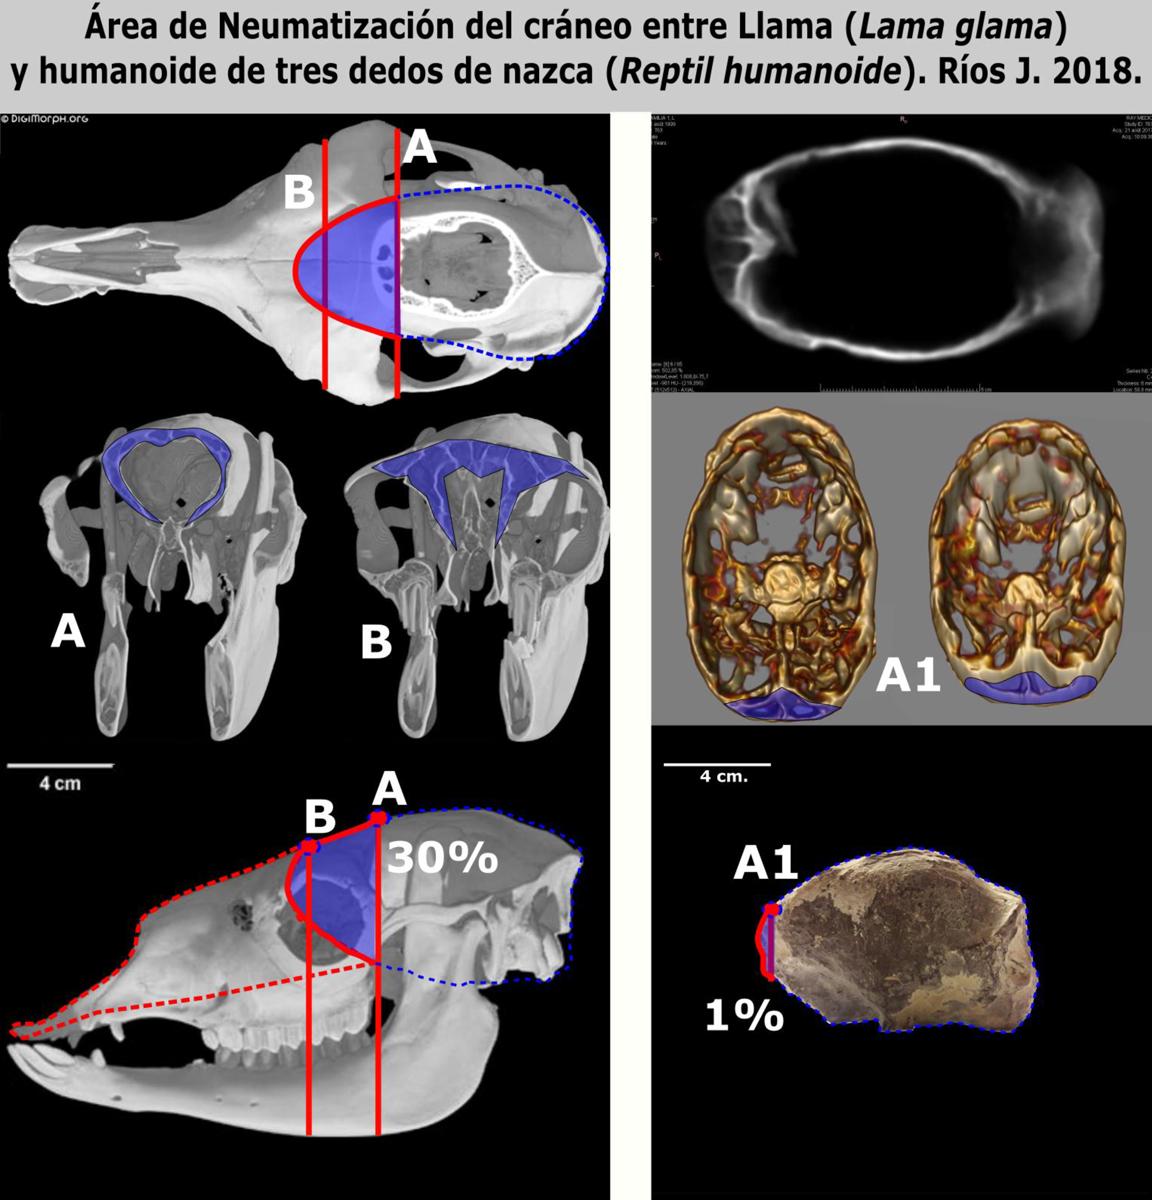 Comparación de secciones tomográficas de cráneos entre el lama y el humanoide de tres dedos de Nasca